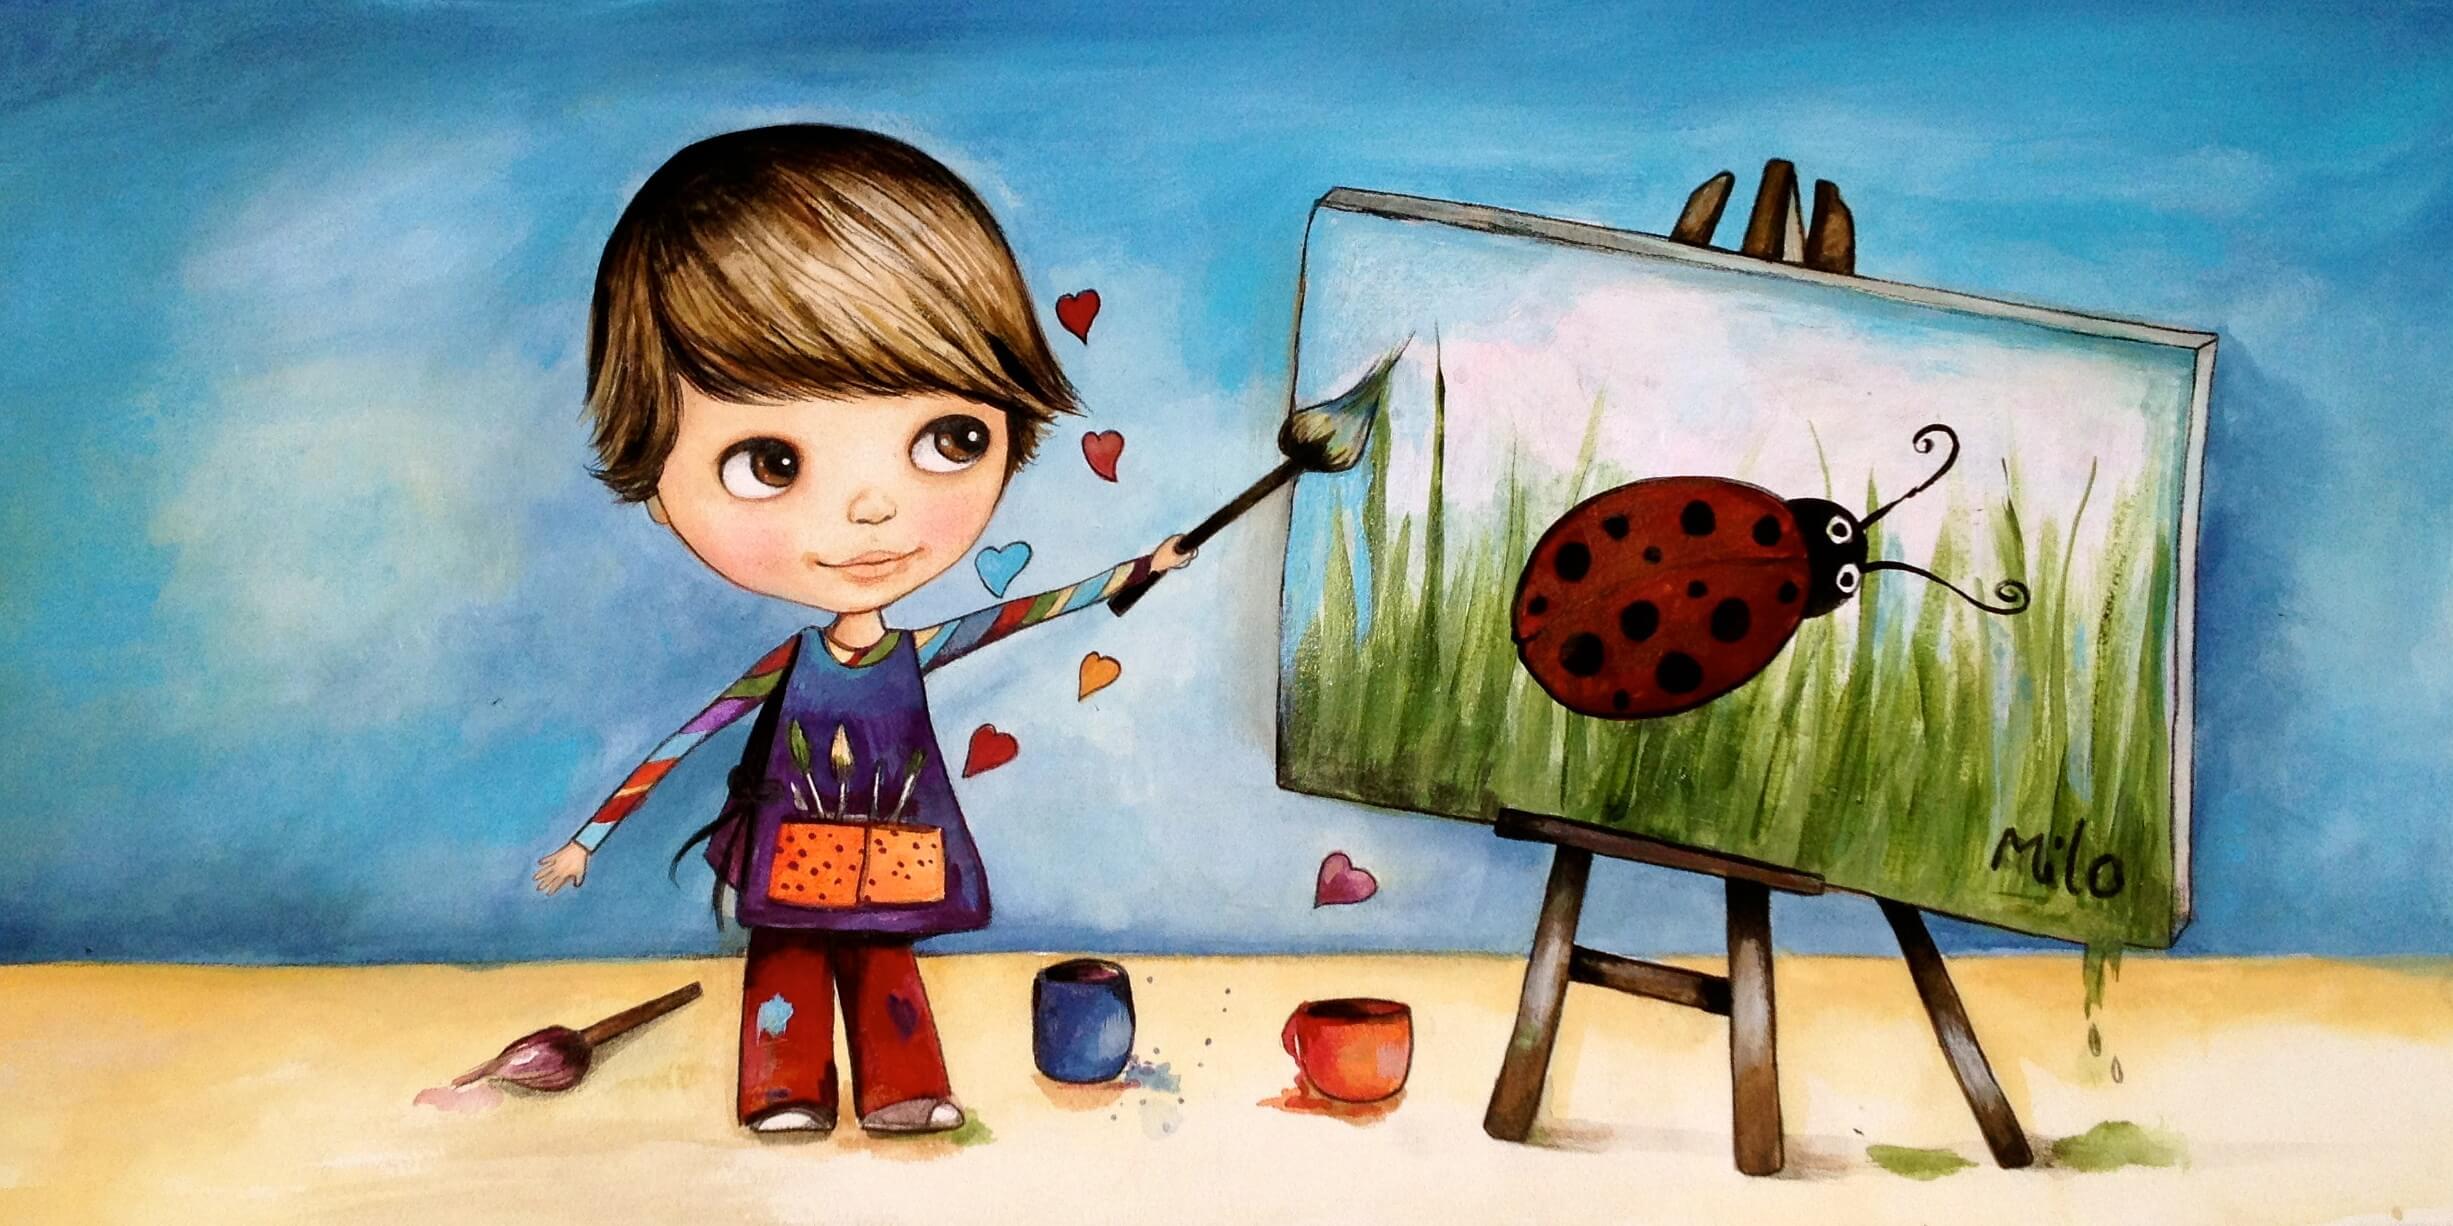 Pinto Dibujos Imagenes De Niños Felices Leyendo Para: Orientación Andújar